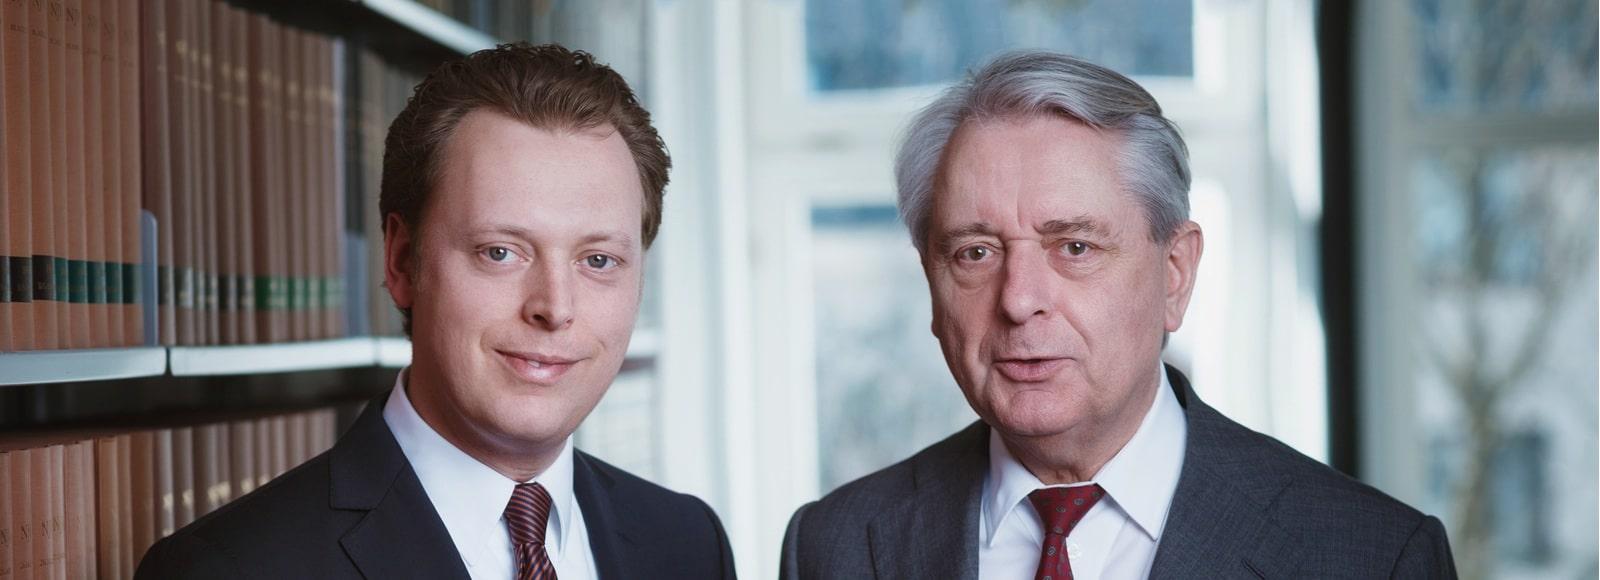 Rechtsanwälte Dr. Hans-Josef Rüber und Dr. Florian Rüber in der Kanzlei in Köln